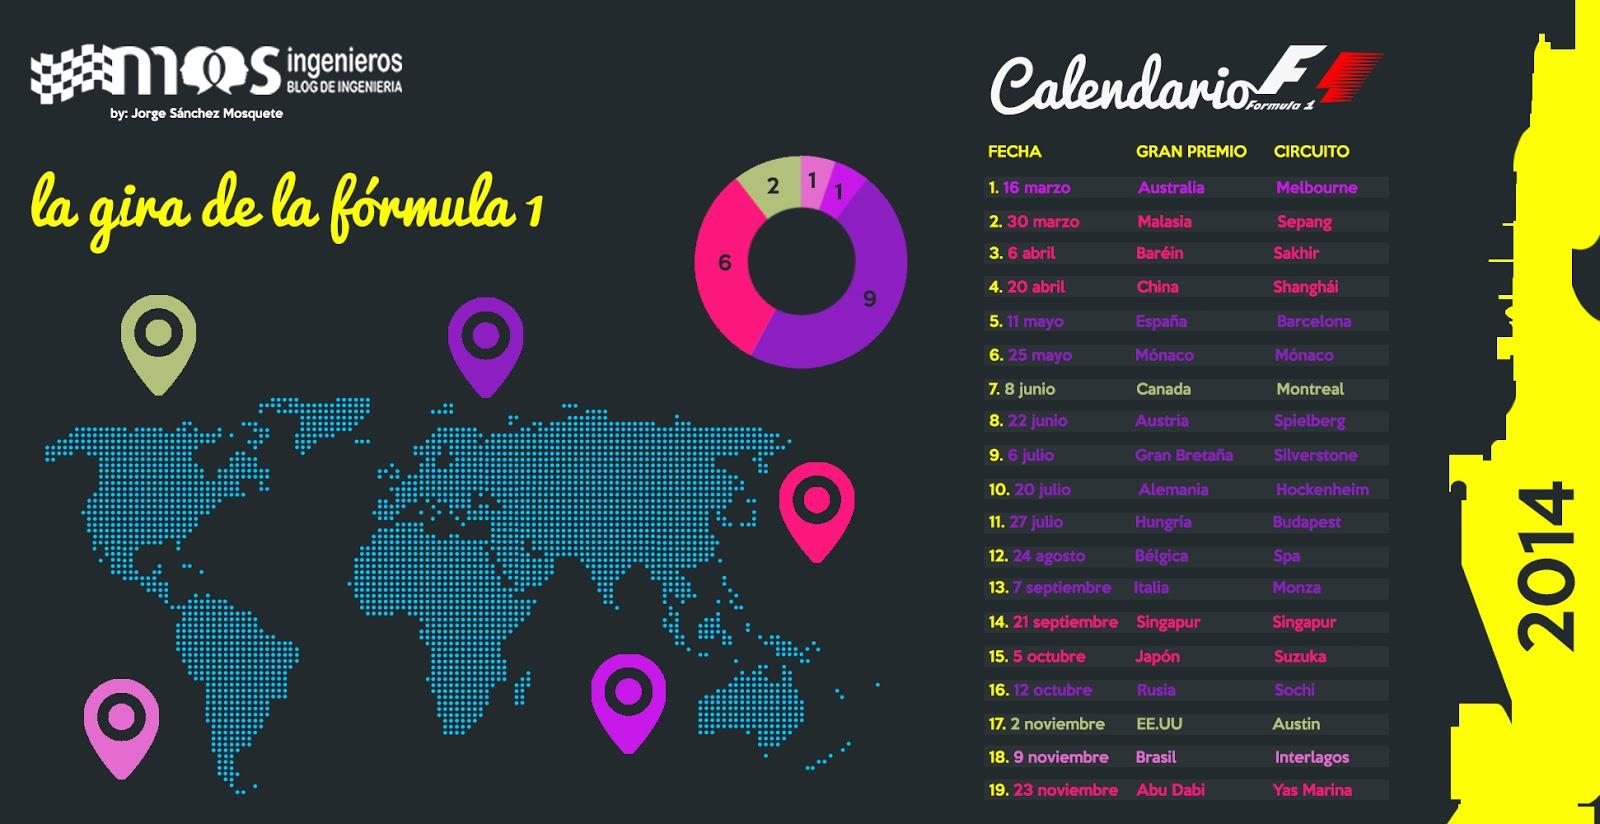 F1-2014-formula1-calendario-infografia-inphographic-mosingenieros